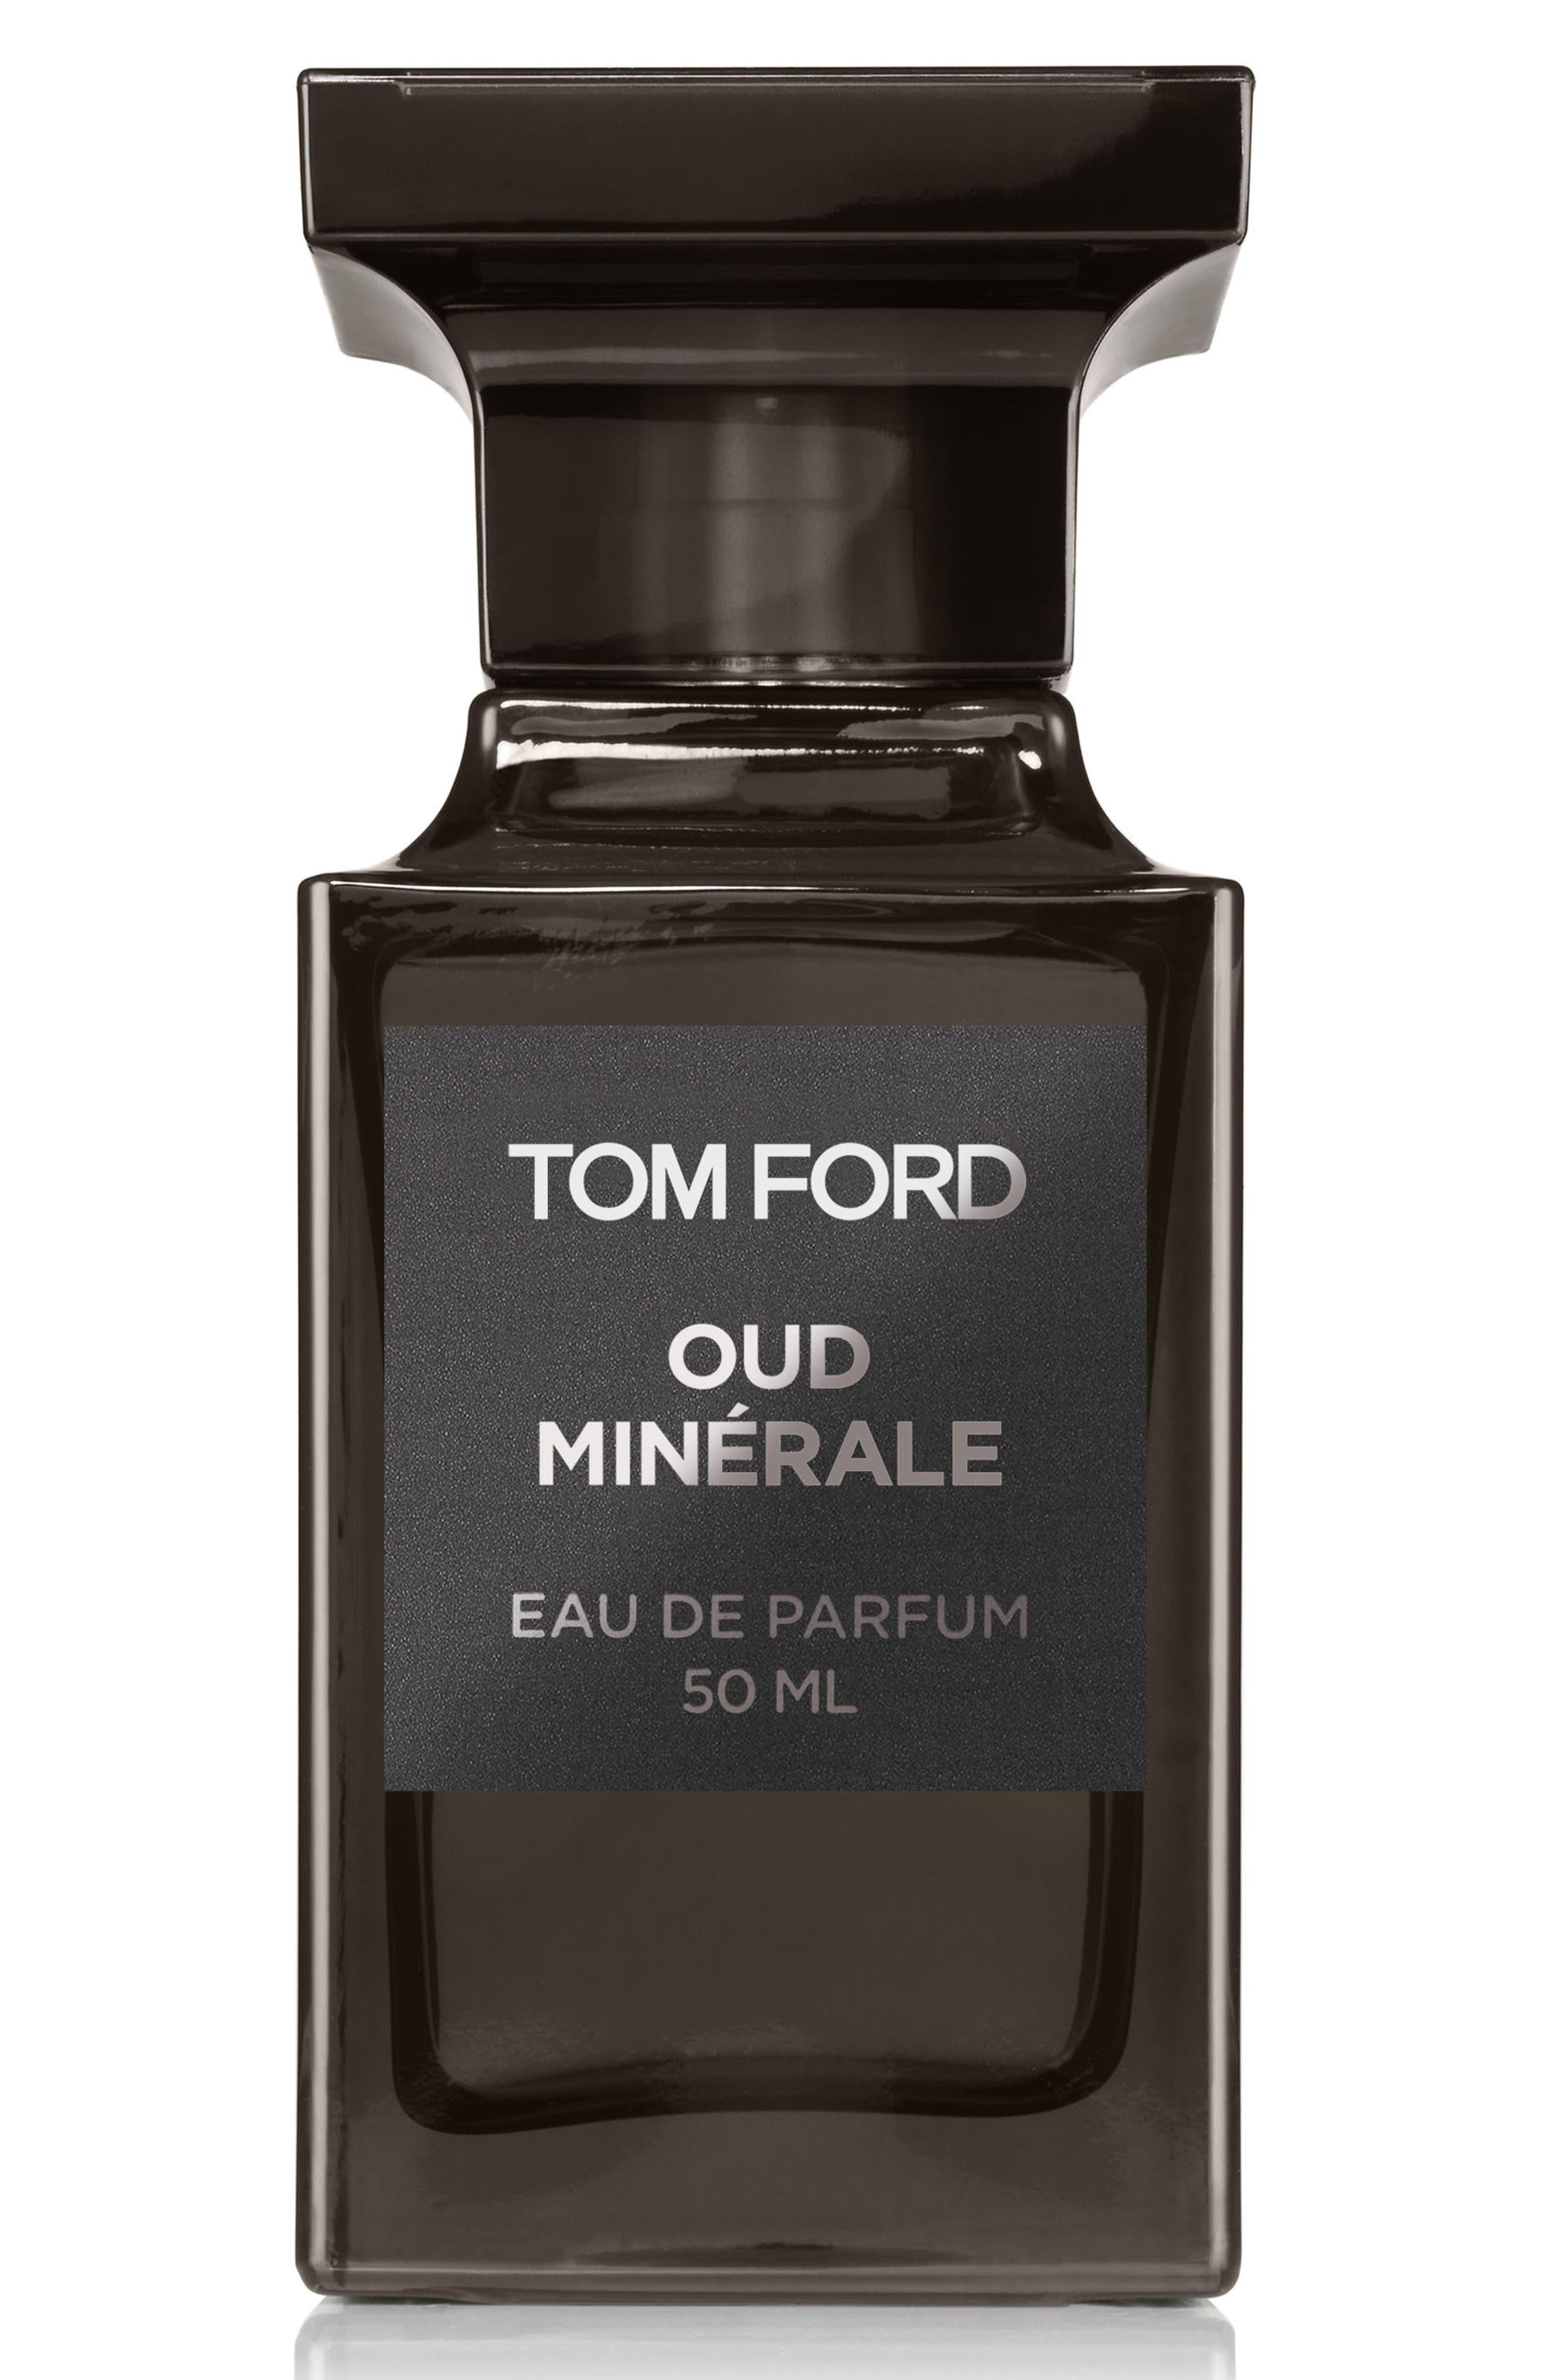 Tom Ford Private Blend Oud Minérale Eau de Parfum